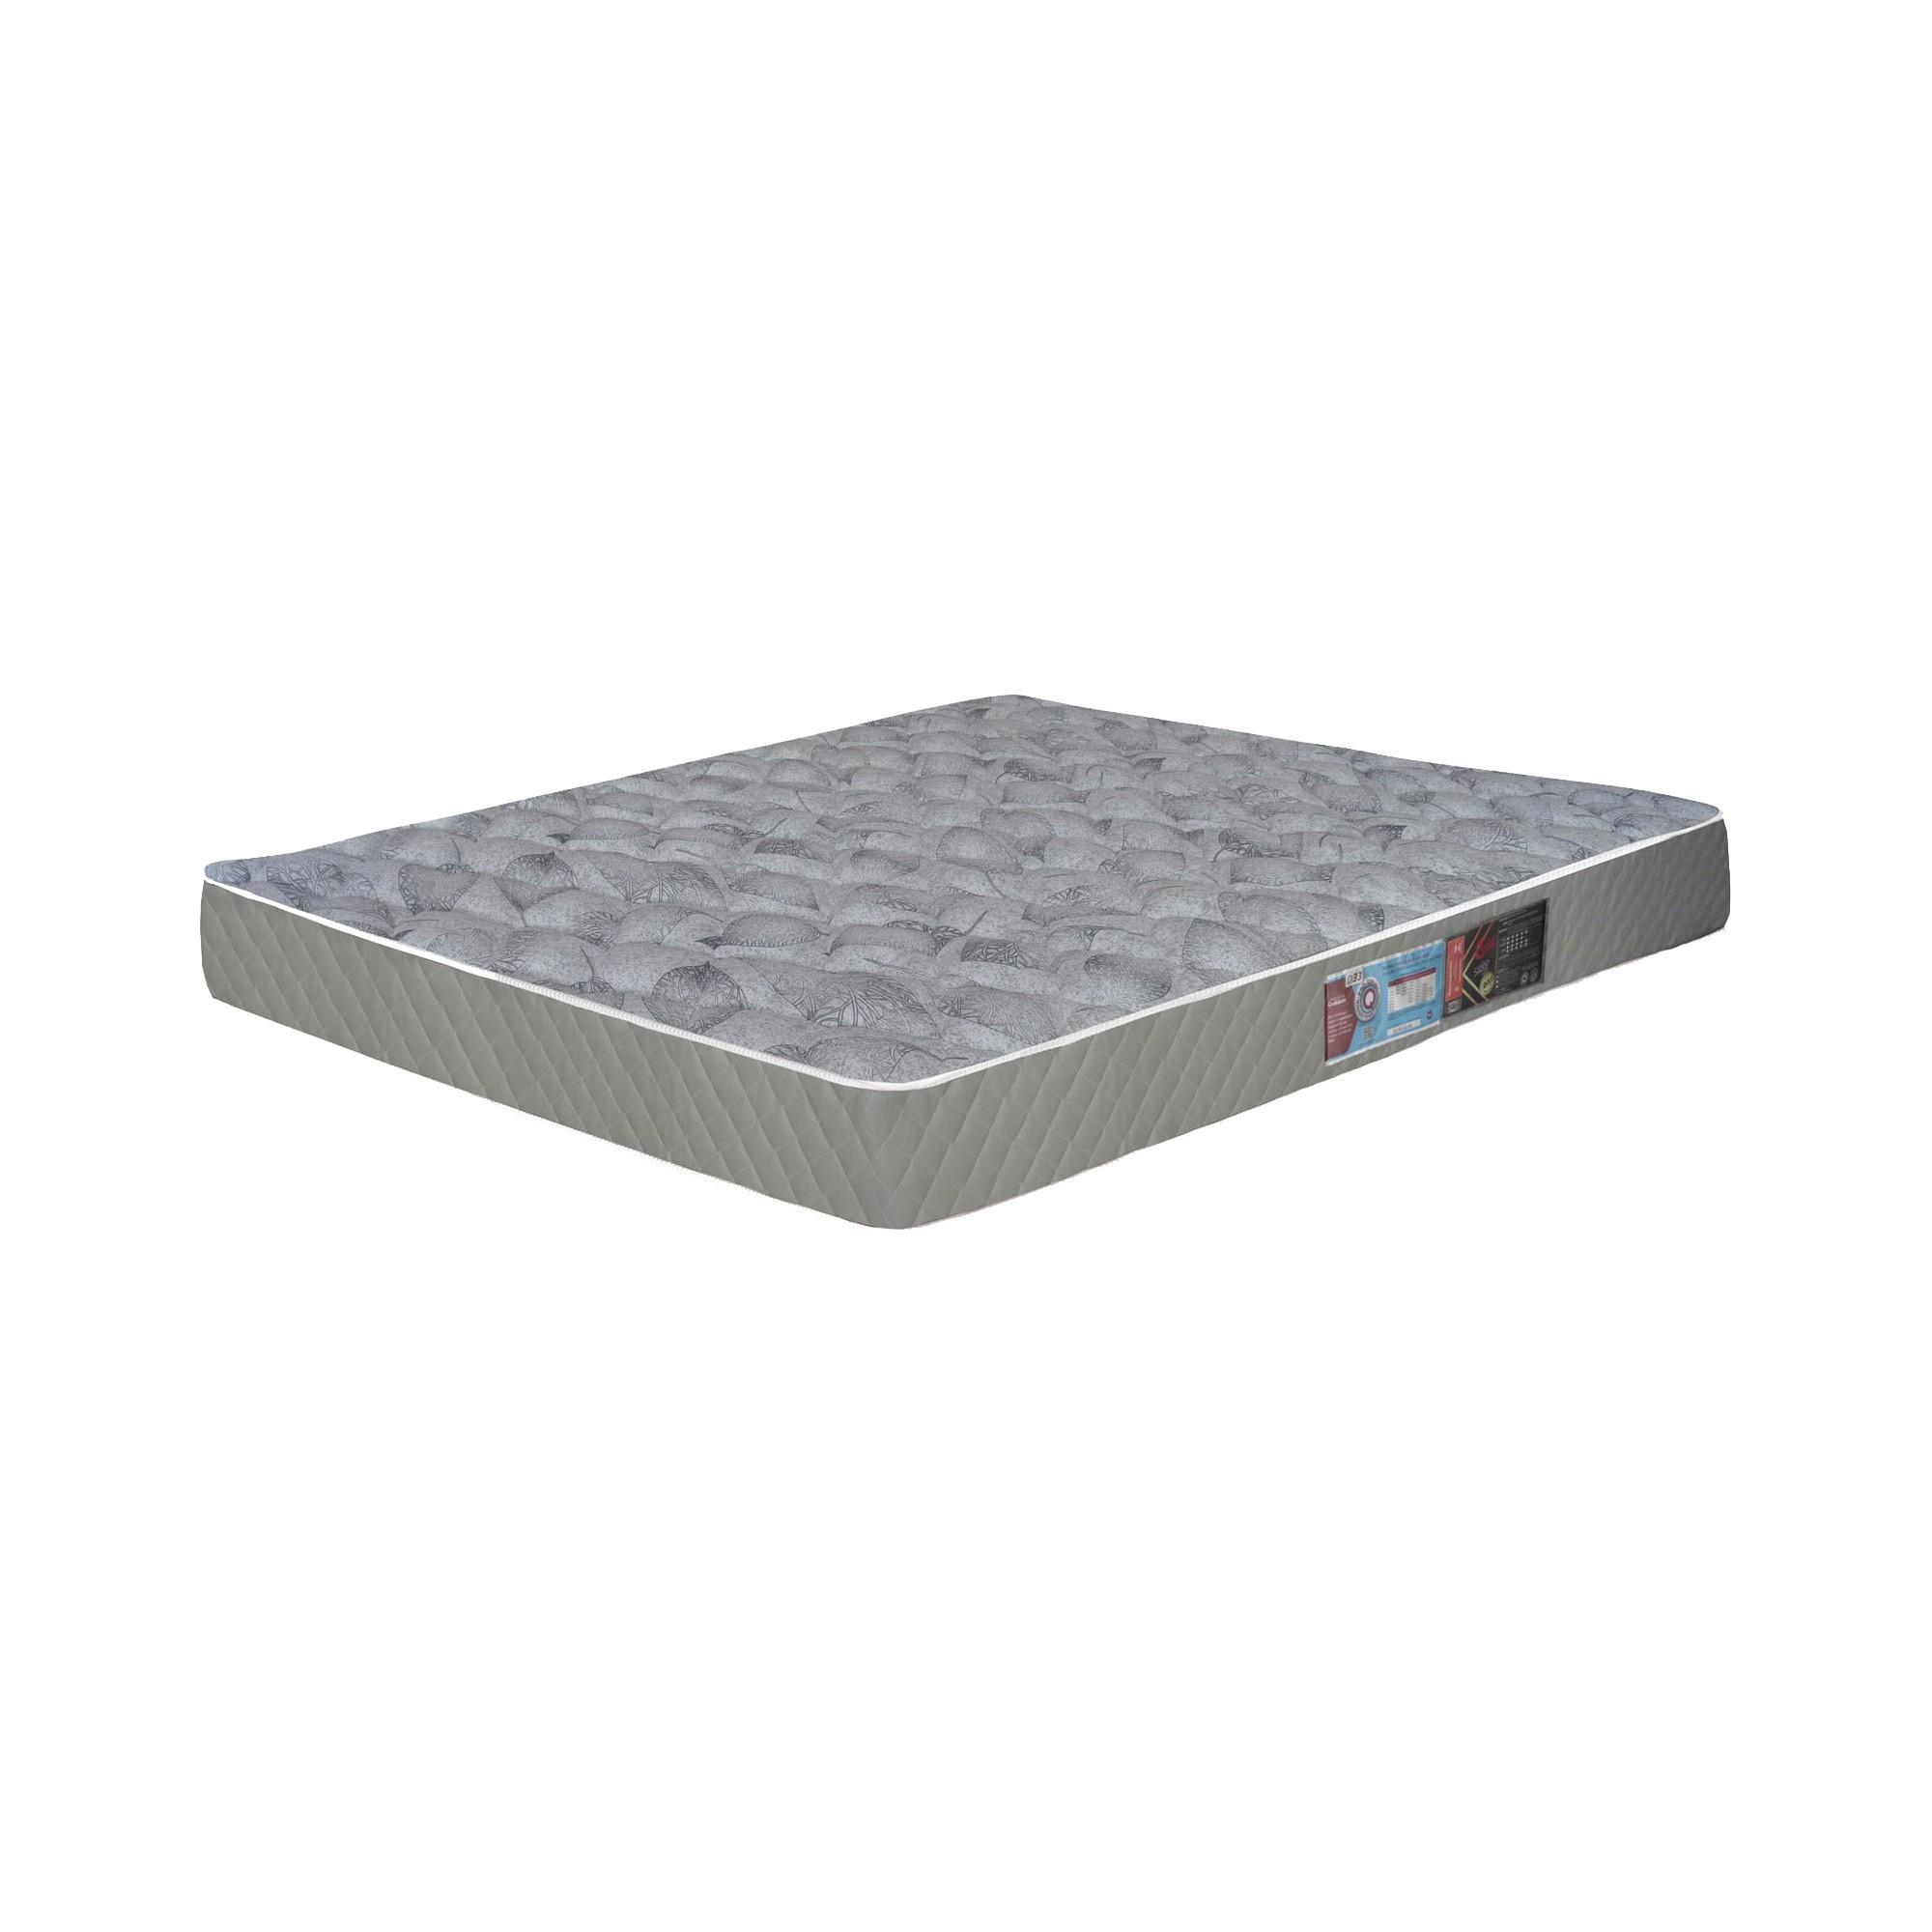 Colchão Castor Sleep Max D33 18 cm [Solteirão 096 x 203 cm]